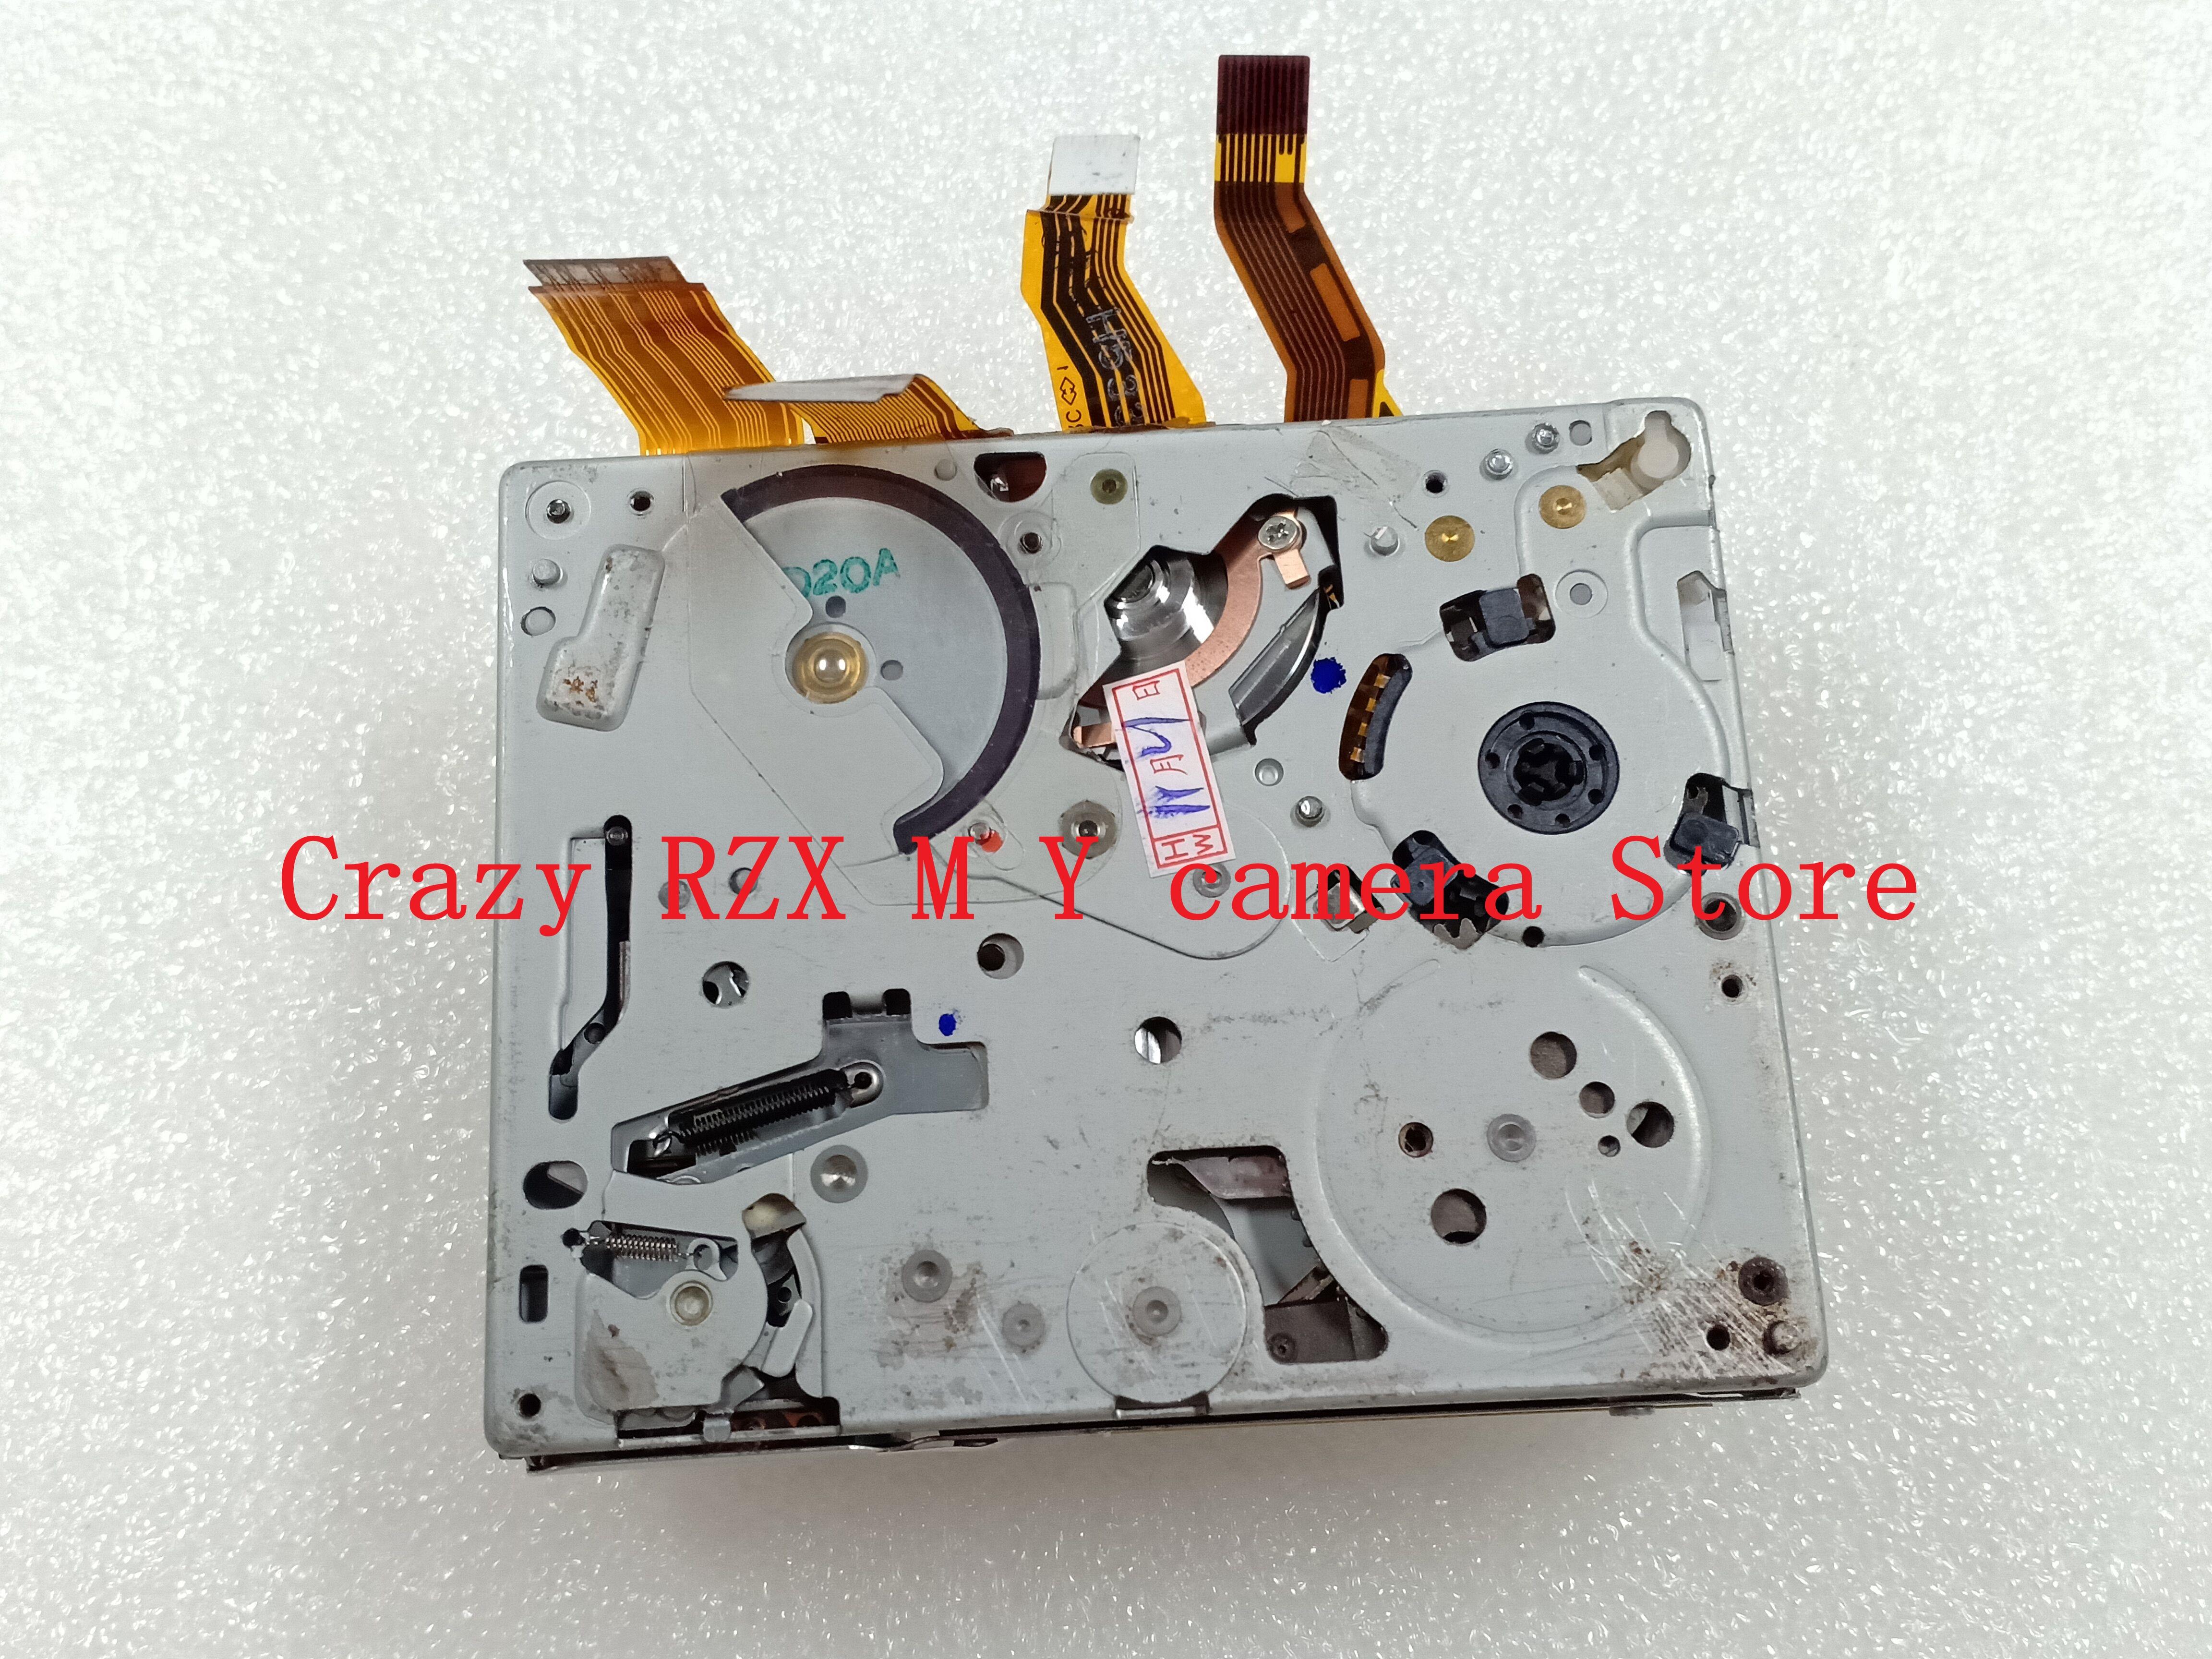 Mécanisme d'origine FX1E pour mécanisme sony FX1 avec pièce de réparation de caméra tambour fx1 - 2